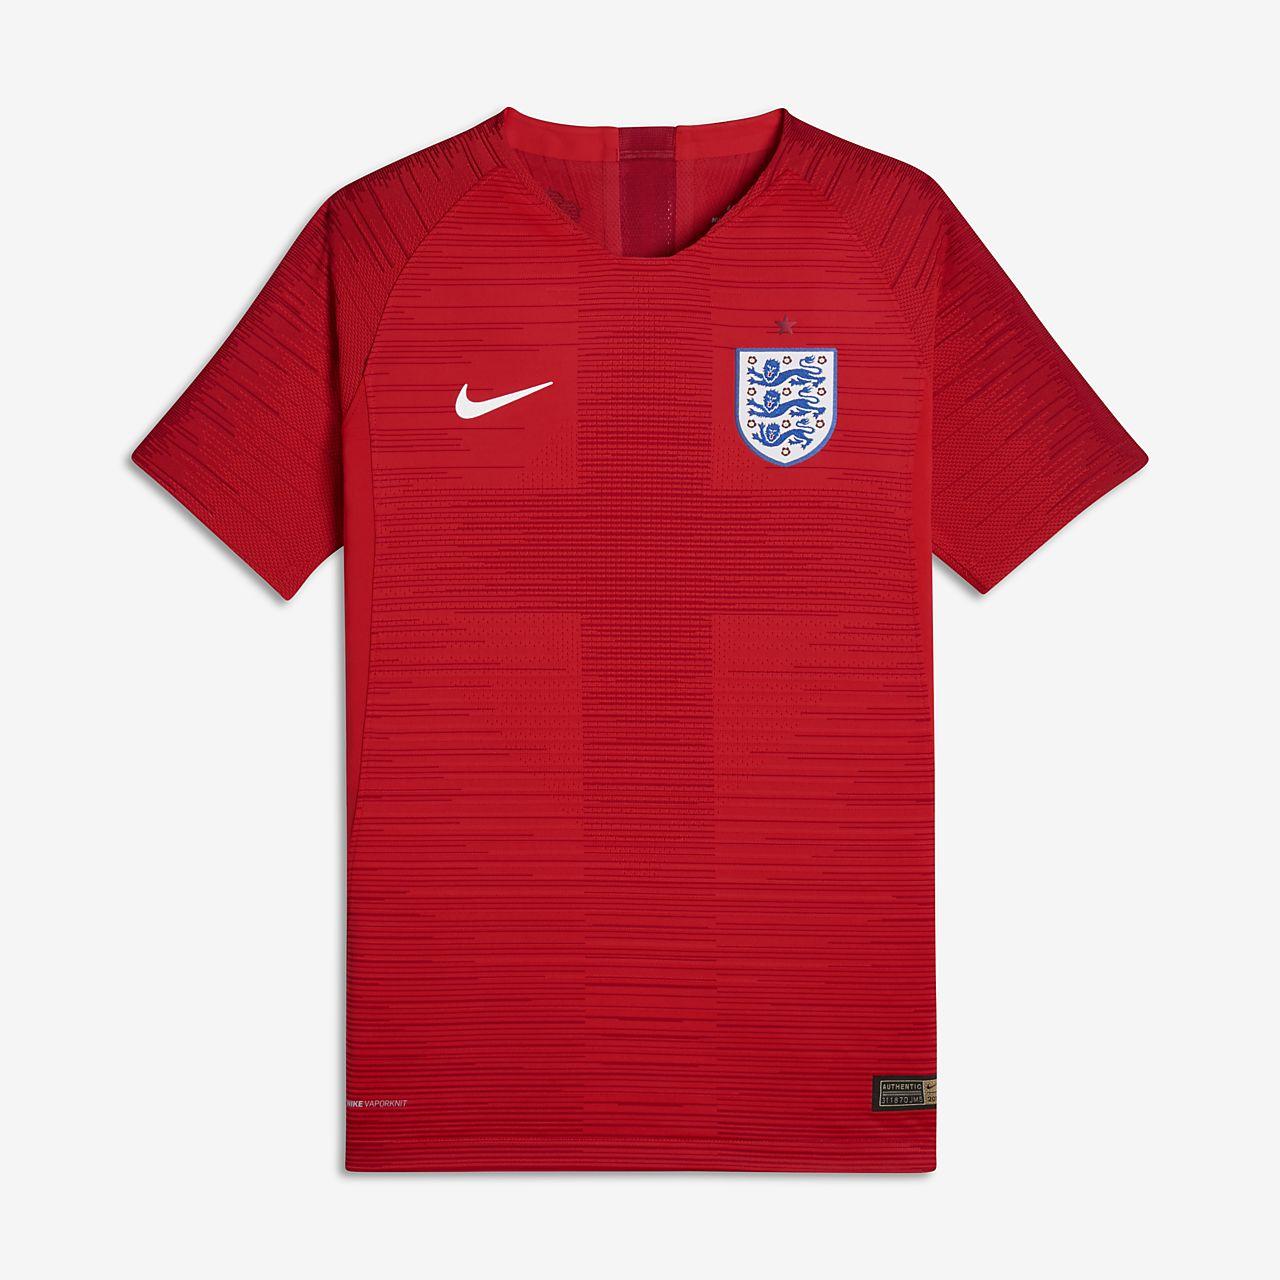 2018 England Vapor Match Away Older Kids  (Boys ) Football Shirt ... b20978109977